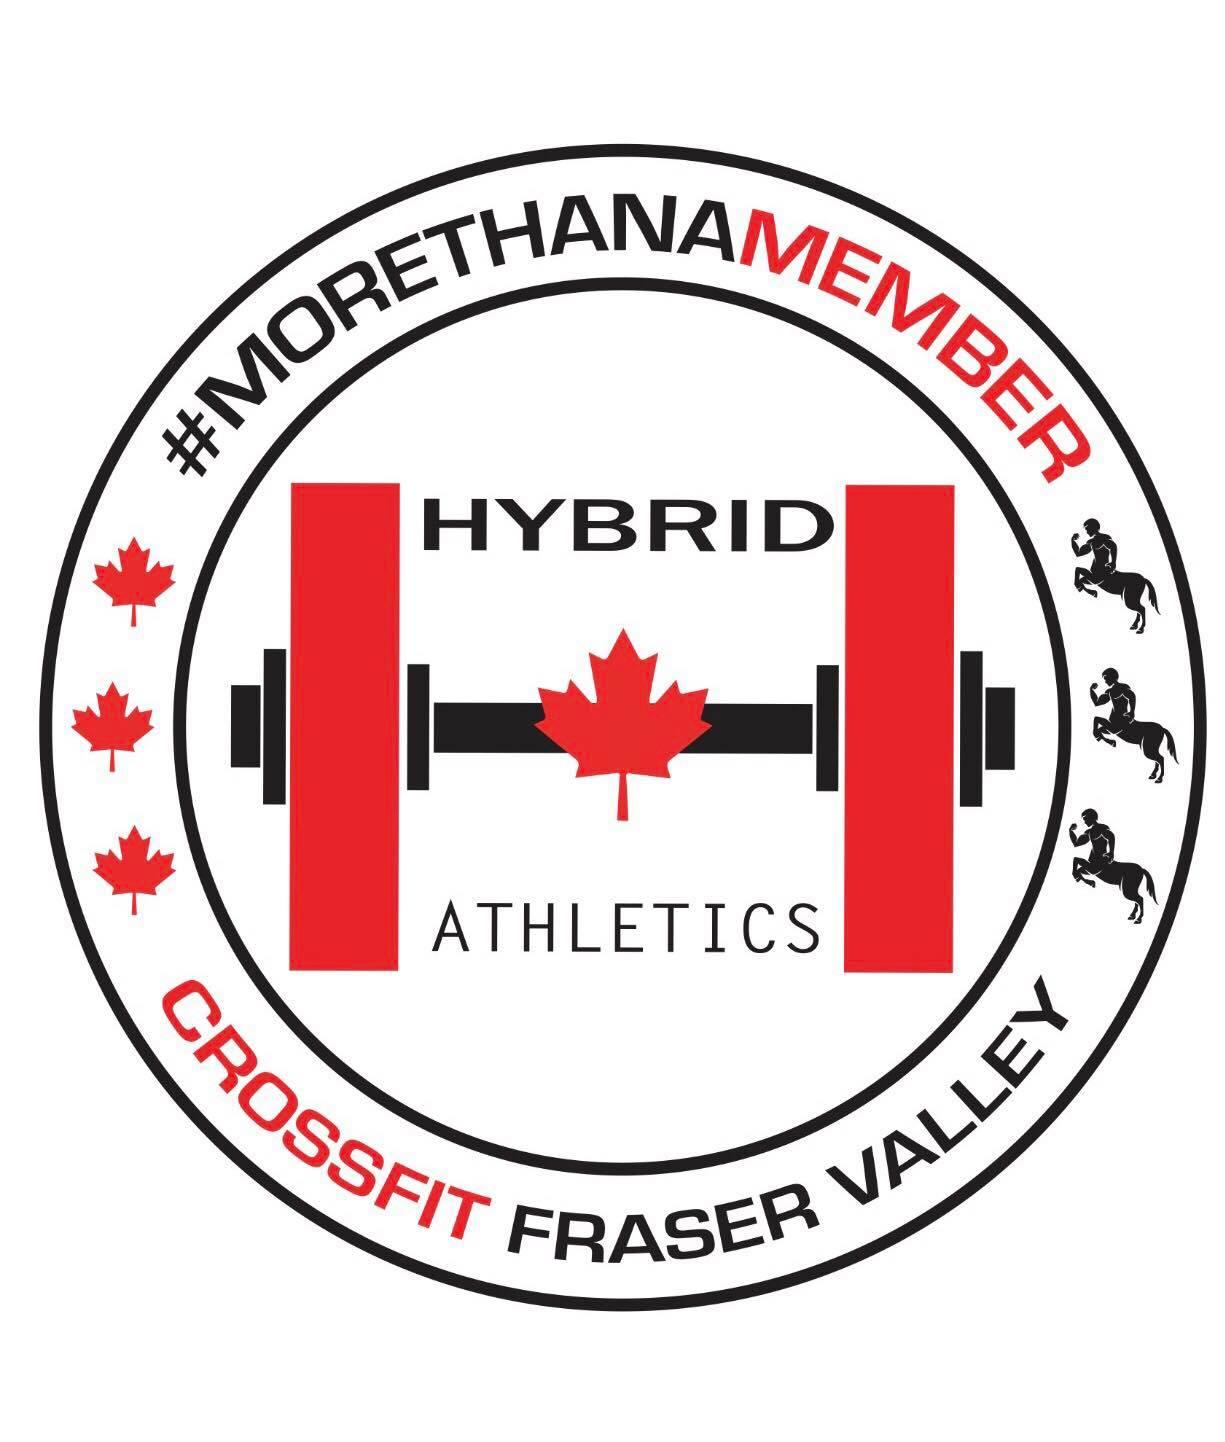 Hybrid new logo